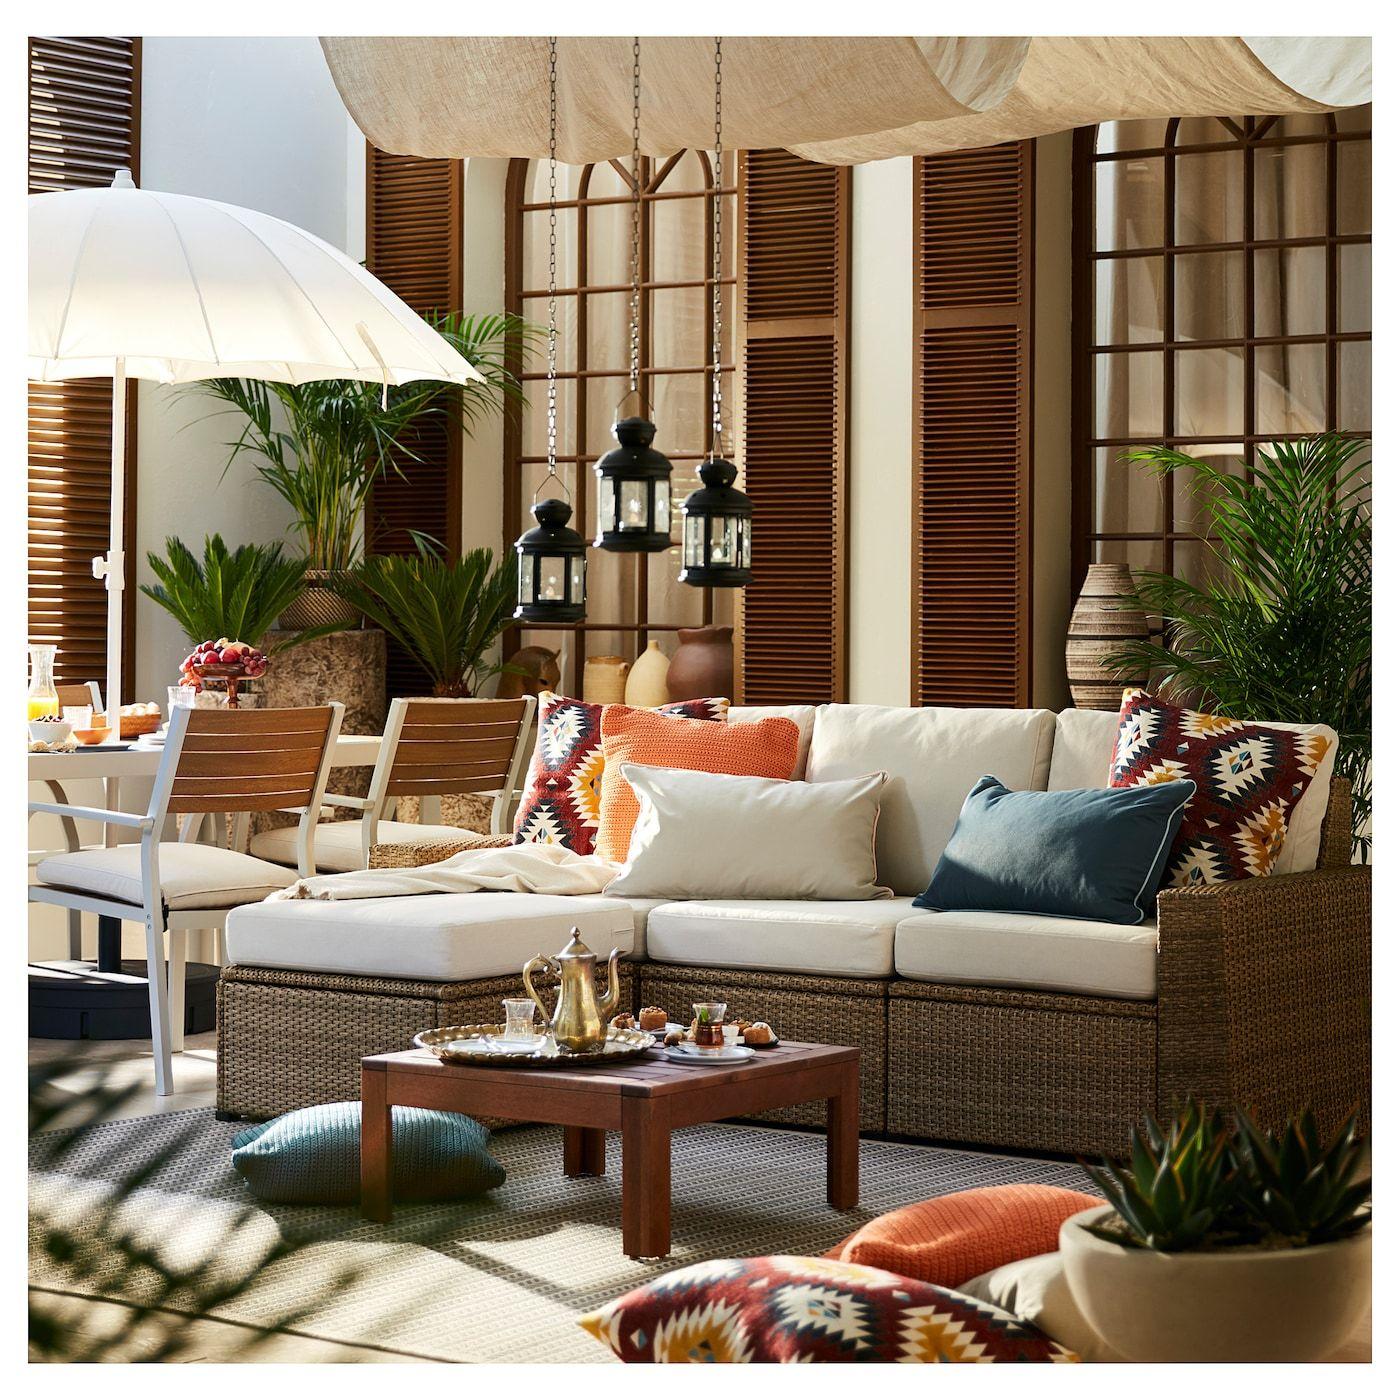 Solleron 3er Sitzelement Aussen Mit Hocker Braun Braun Froson Duvholmen Beige Ikea Osterreich In 2020 Outdoor Living Rooms Outdoor Living Room Modular Sofa